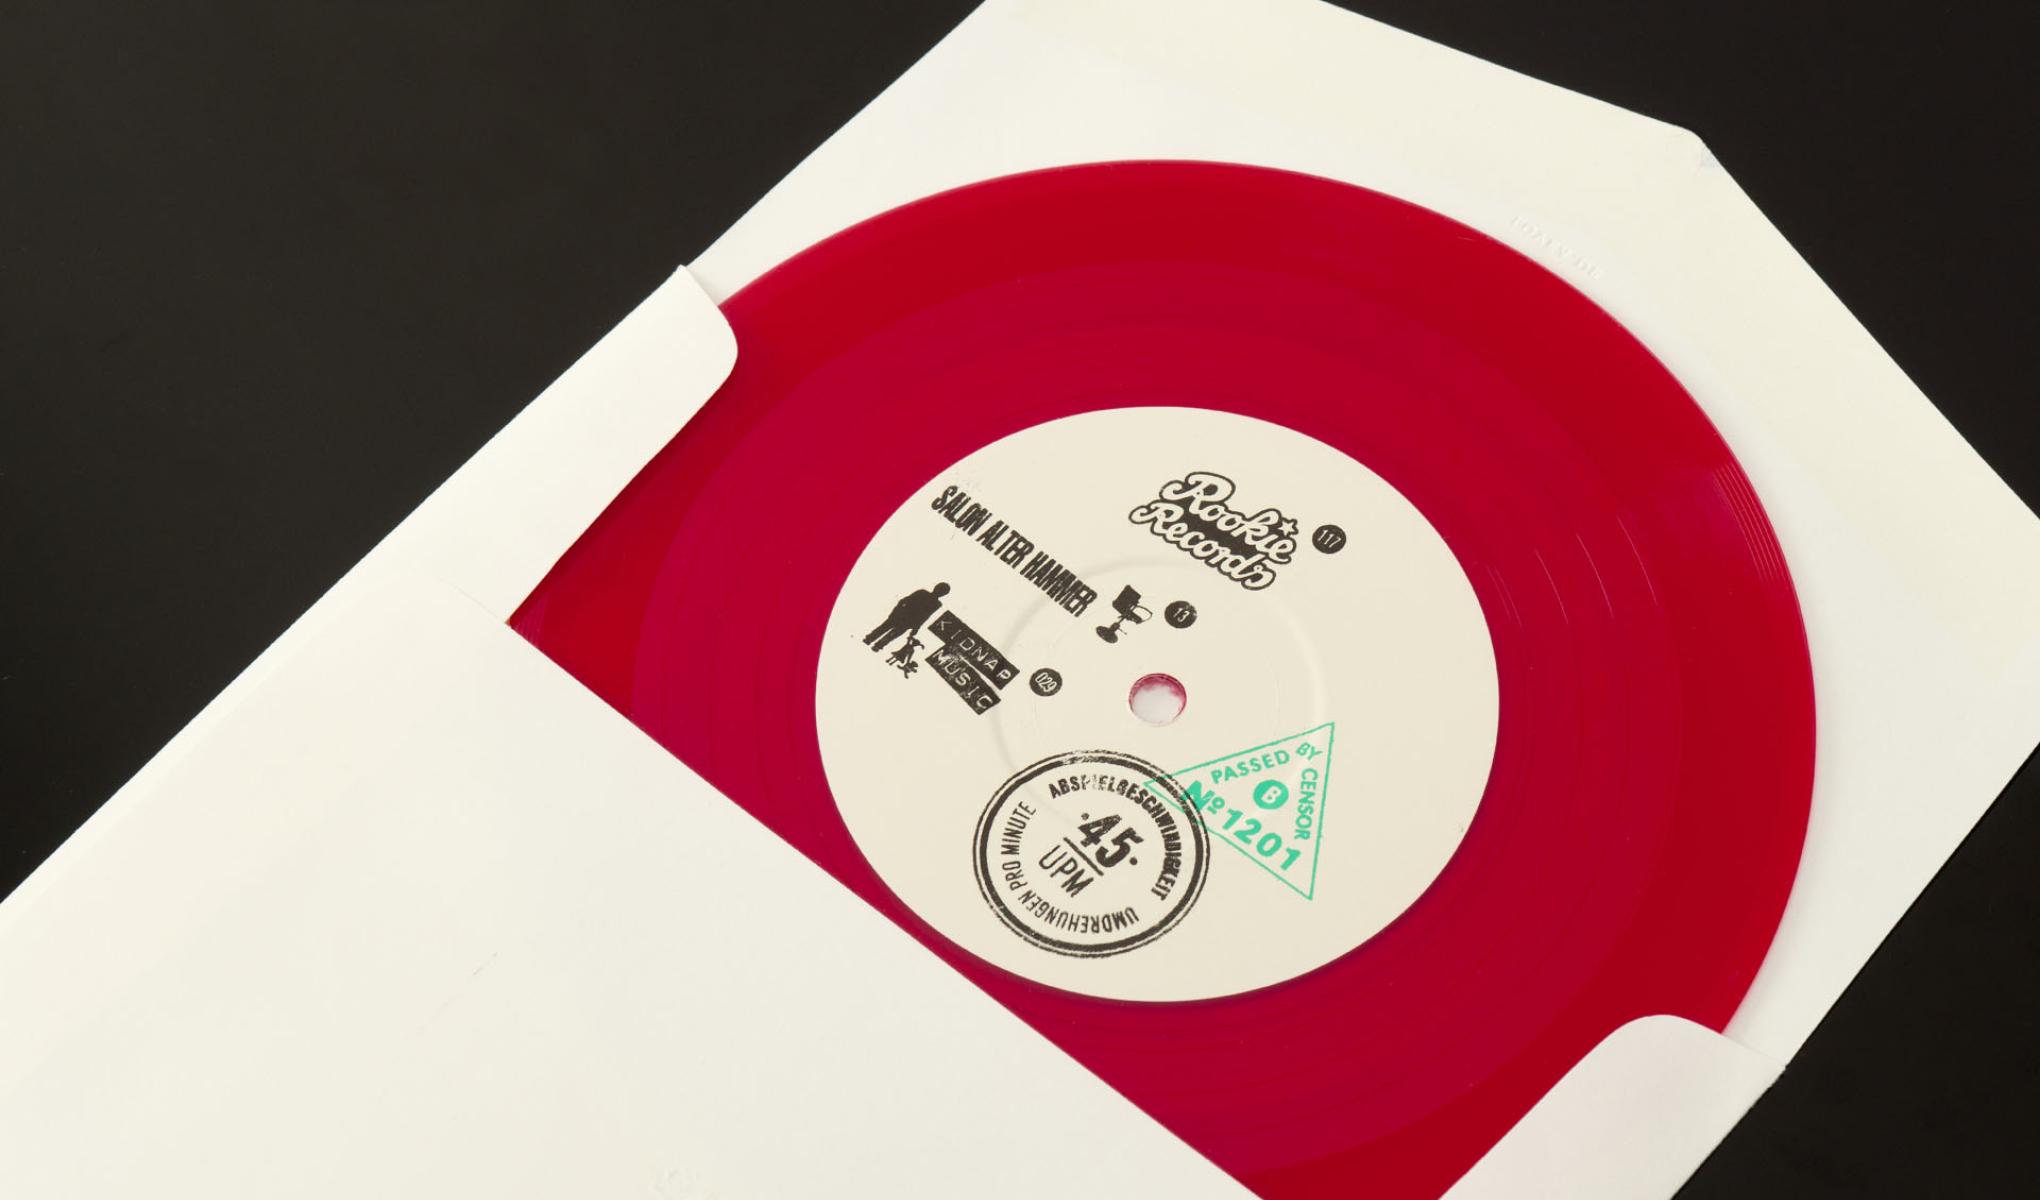 """Kreatives Cover Design für die Single """"Valentinstag"""" der Trierer Band Love A. Die sons of ipanema aus Köln haben Briefumschläge gestempelt und beschriftet. Im Umschlag steckt rotes Vinyl."""